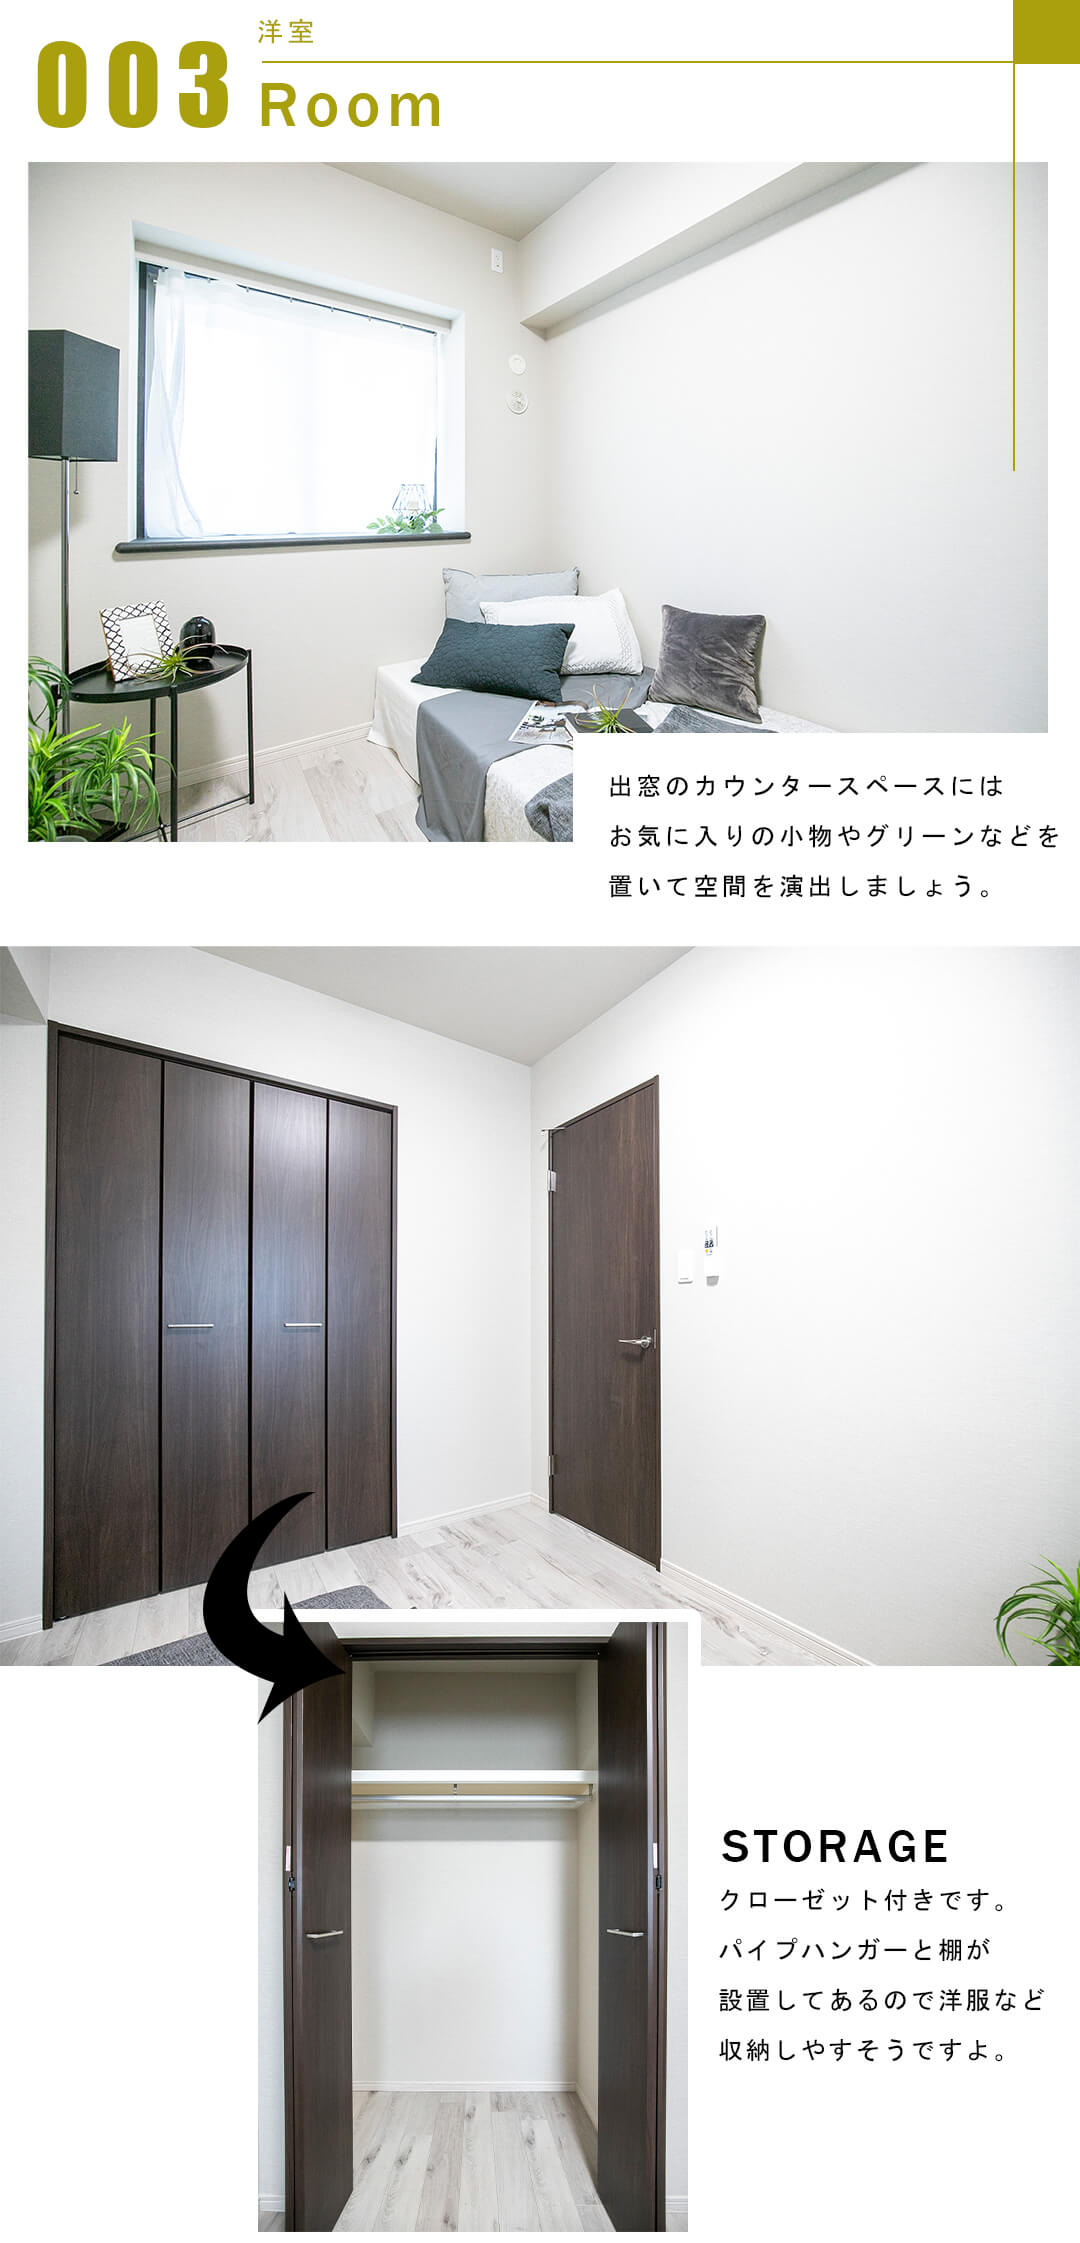 003洋室,Room